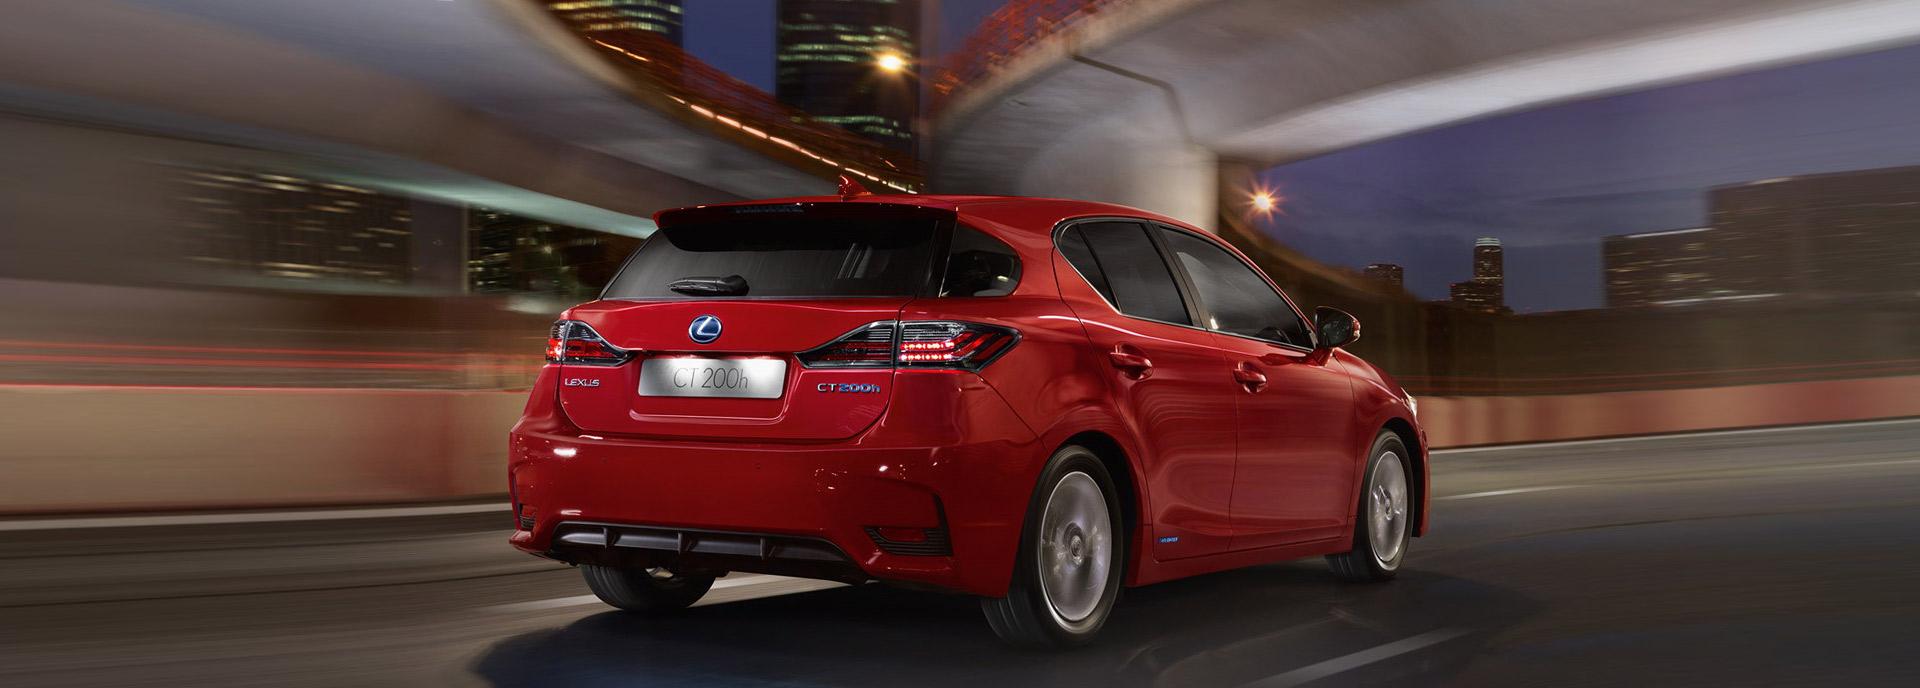 Lexus garantie Achteraanzicht rijdende rode Lexus CT 200h